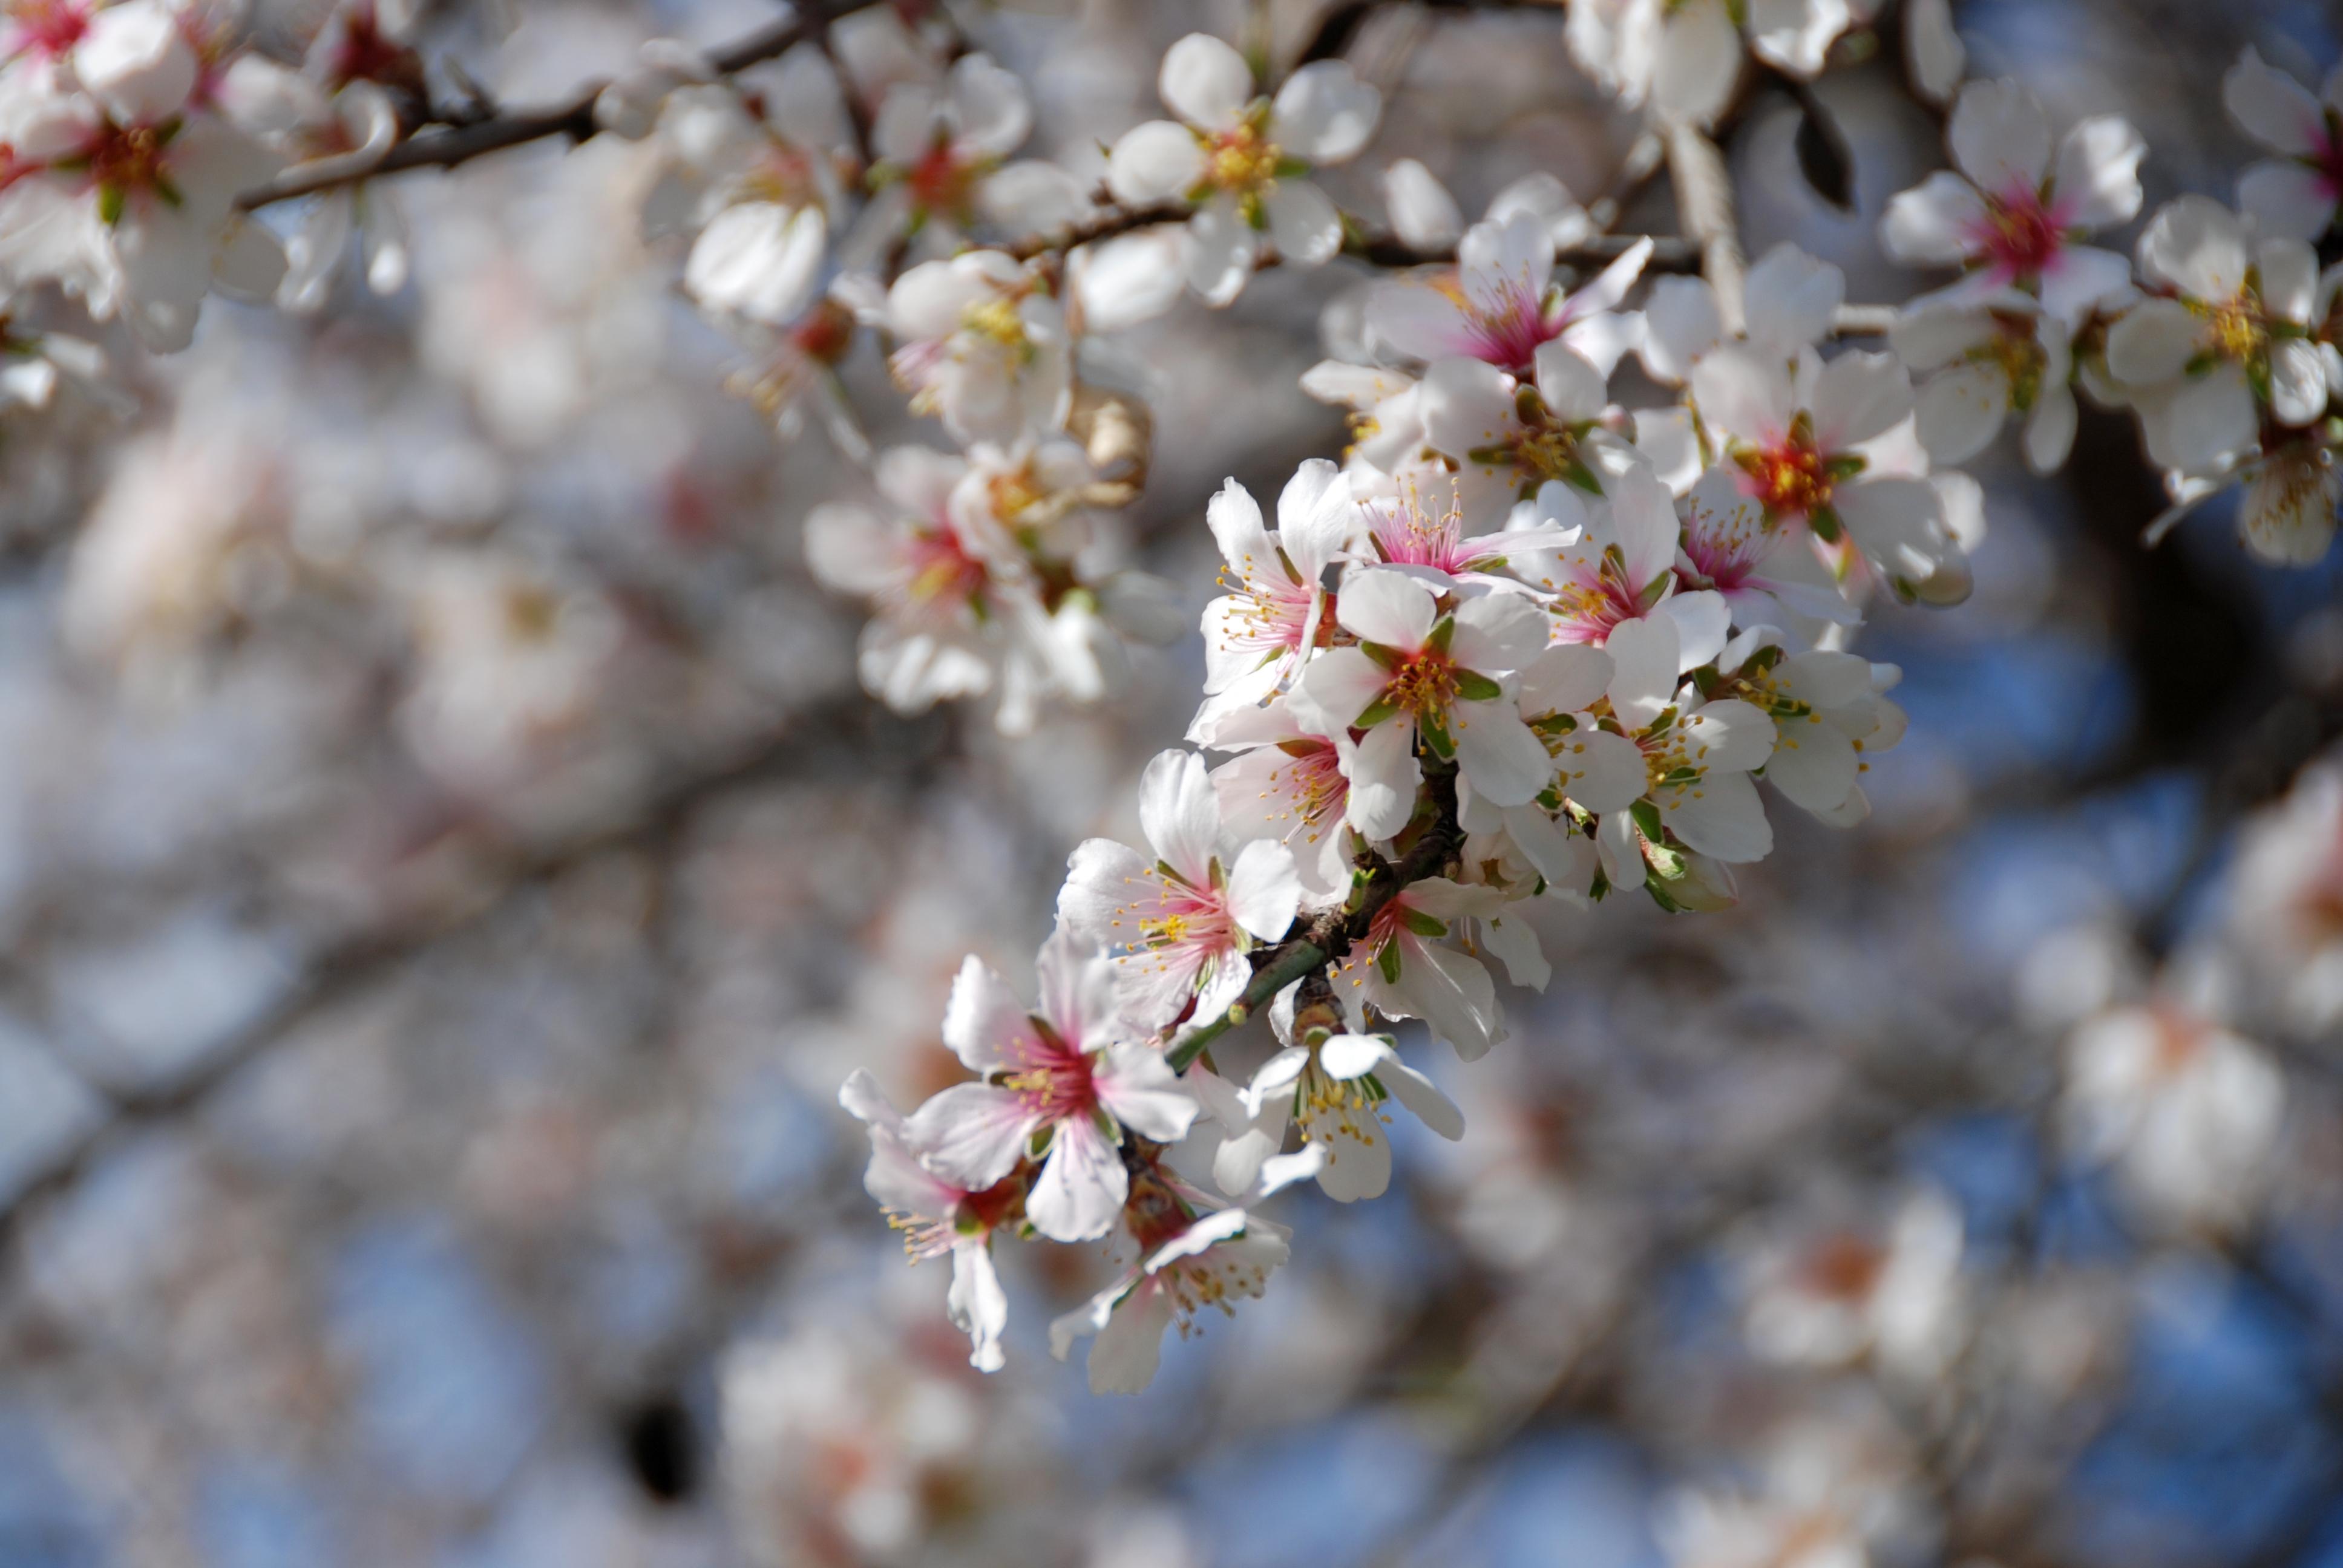 Rboles frutales en maceta el blog de los mejores - Plantar arboles frutales en macetas ...